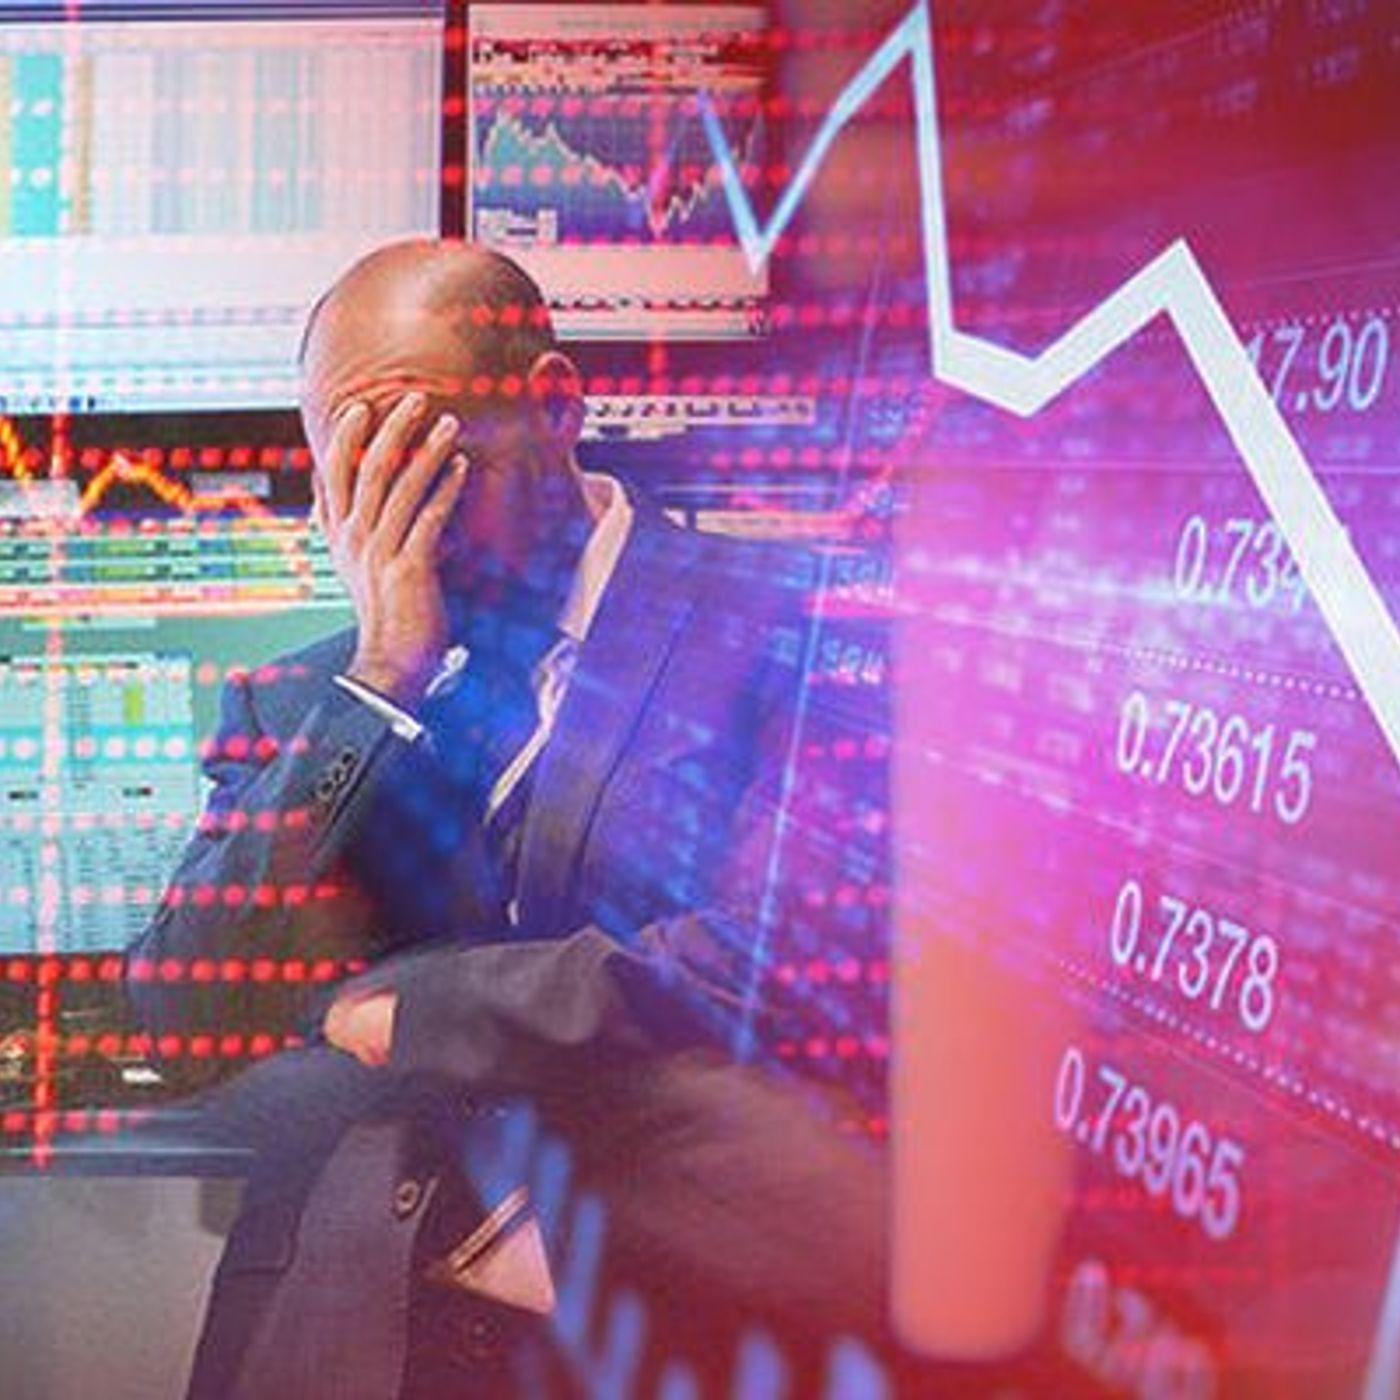 211) Questa è la notizia che farà crollare il mercato azionario ? Vi spiego tutto...